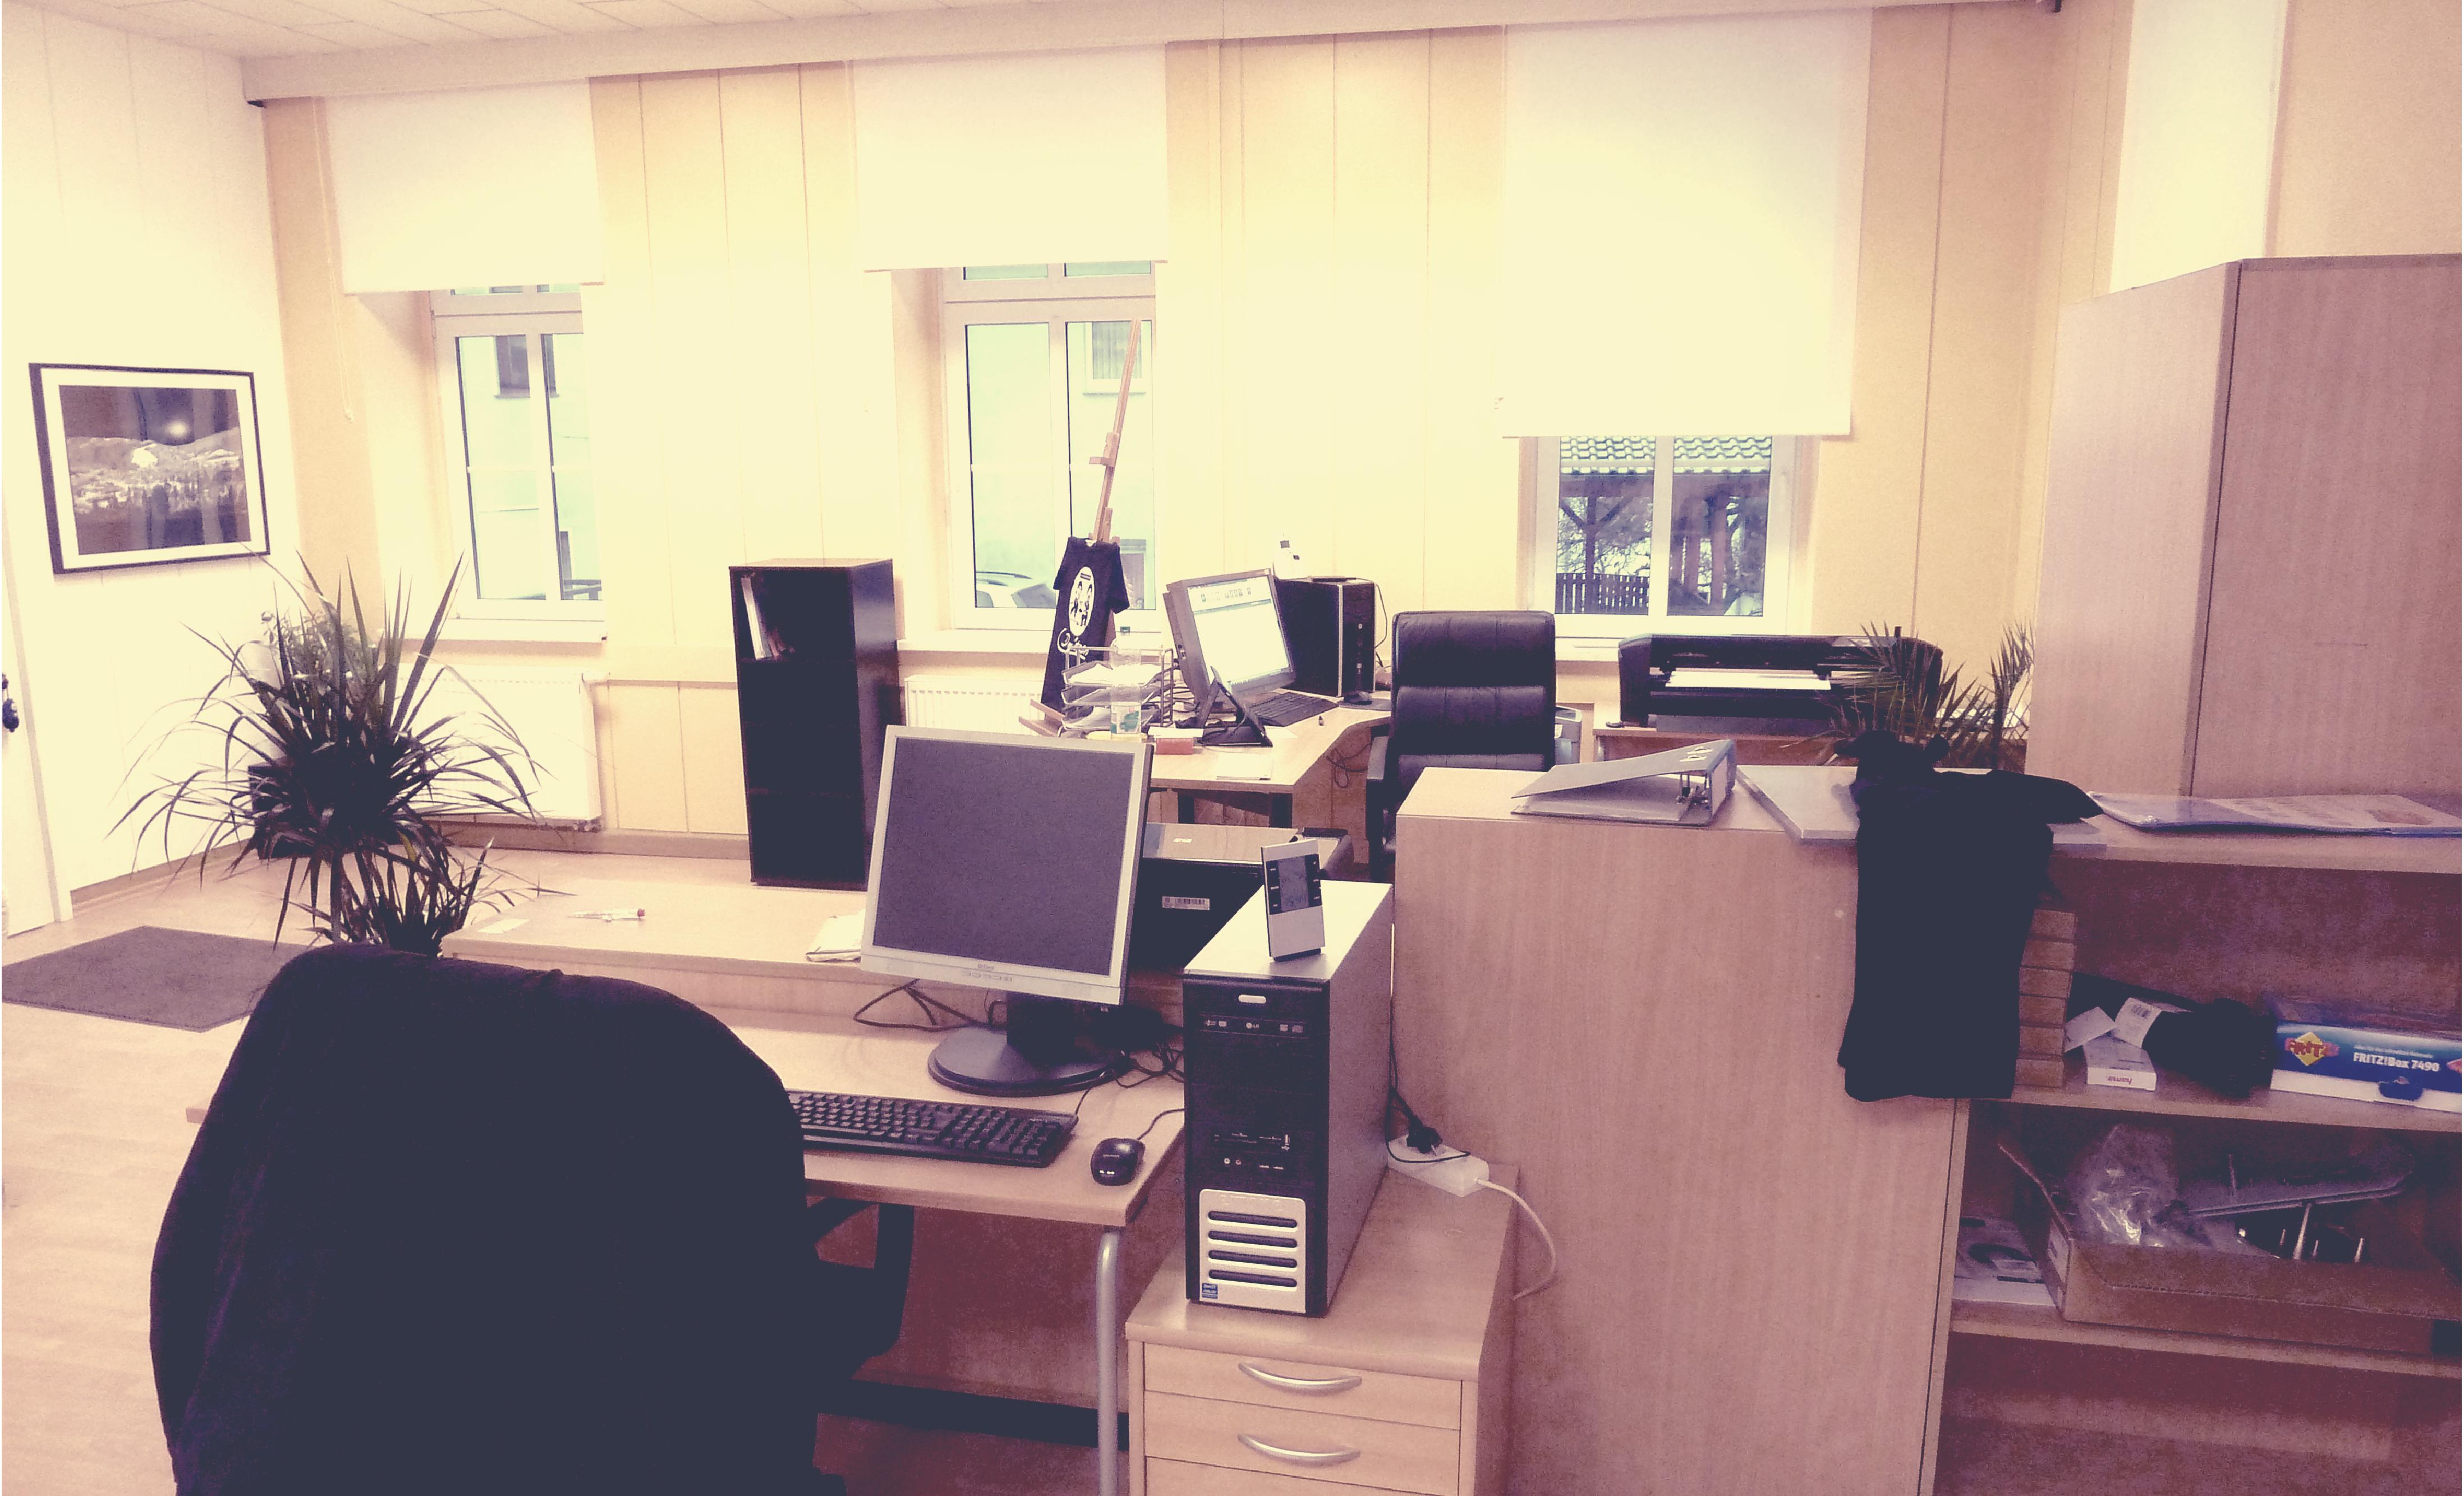 Unser Büro in der Könitzer Straße 41 07338 Kausldorf im Thüringer Land. 5 Km Entfernung von Saalfeld_ 15 Km Entfernung Rudolstadt